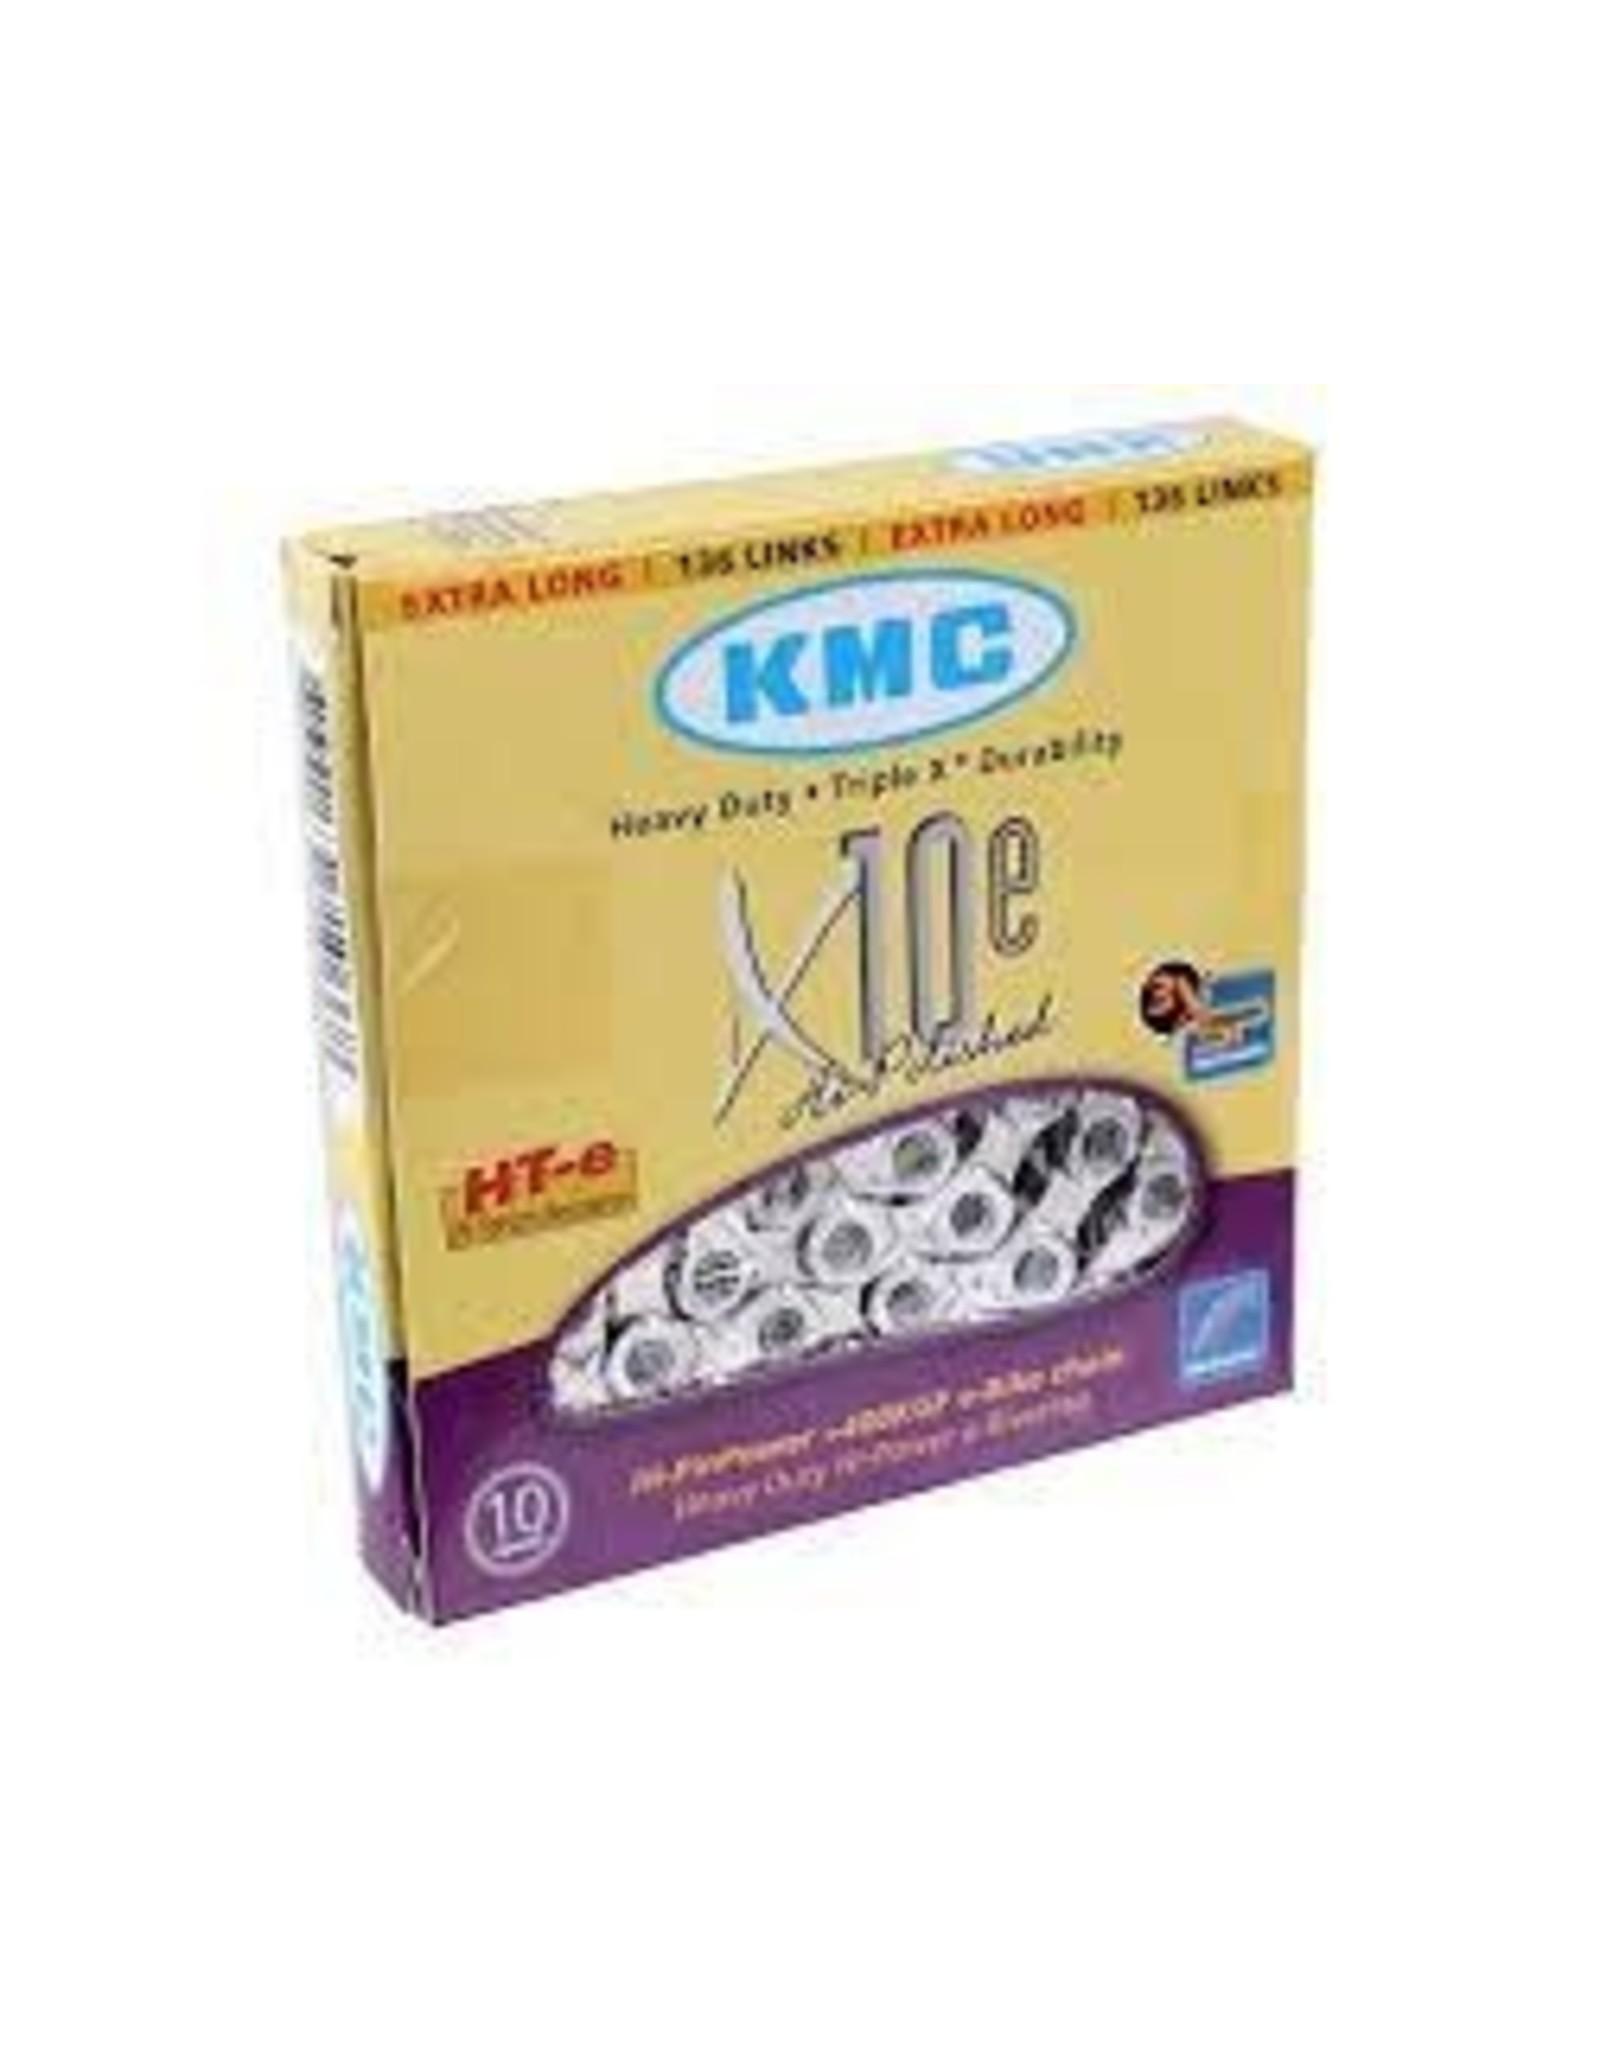 KMC Chain KMC X10e-Sport eBike Chain: 136 Links, Silver